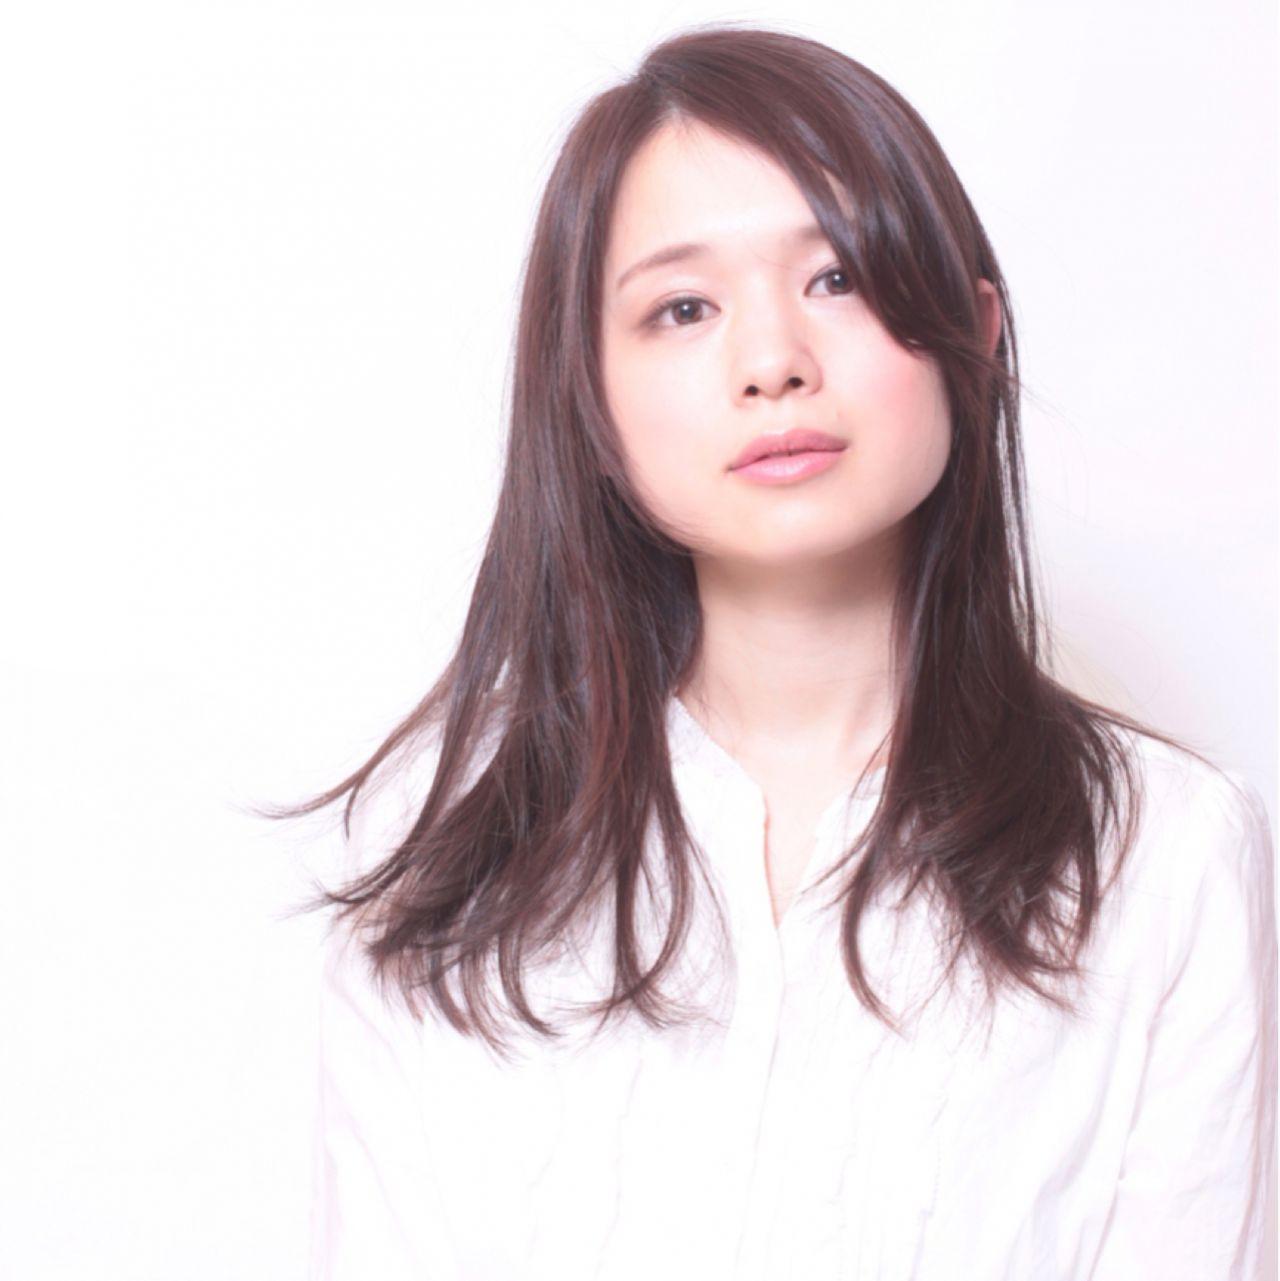 面長女子必見!面長さんに似合うオススメの髪型カタログ♡ 中嶋康智